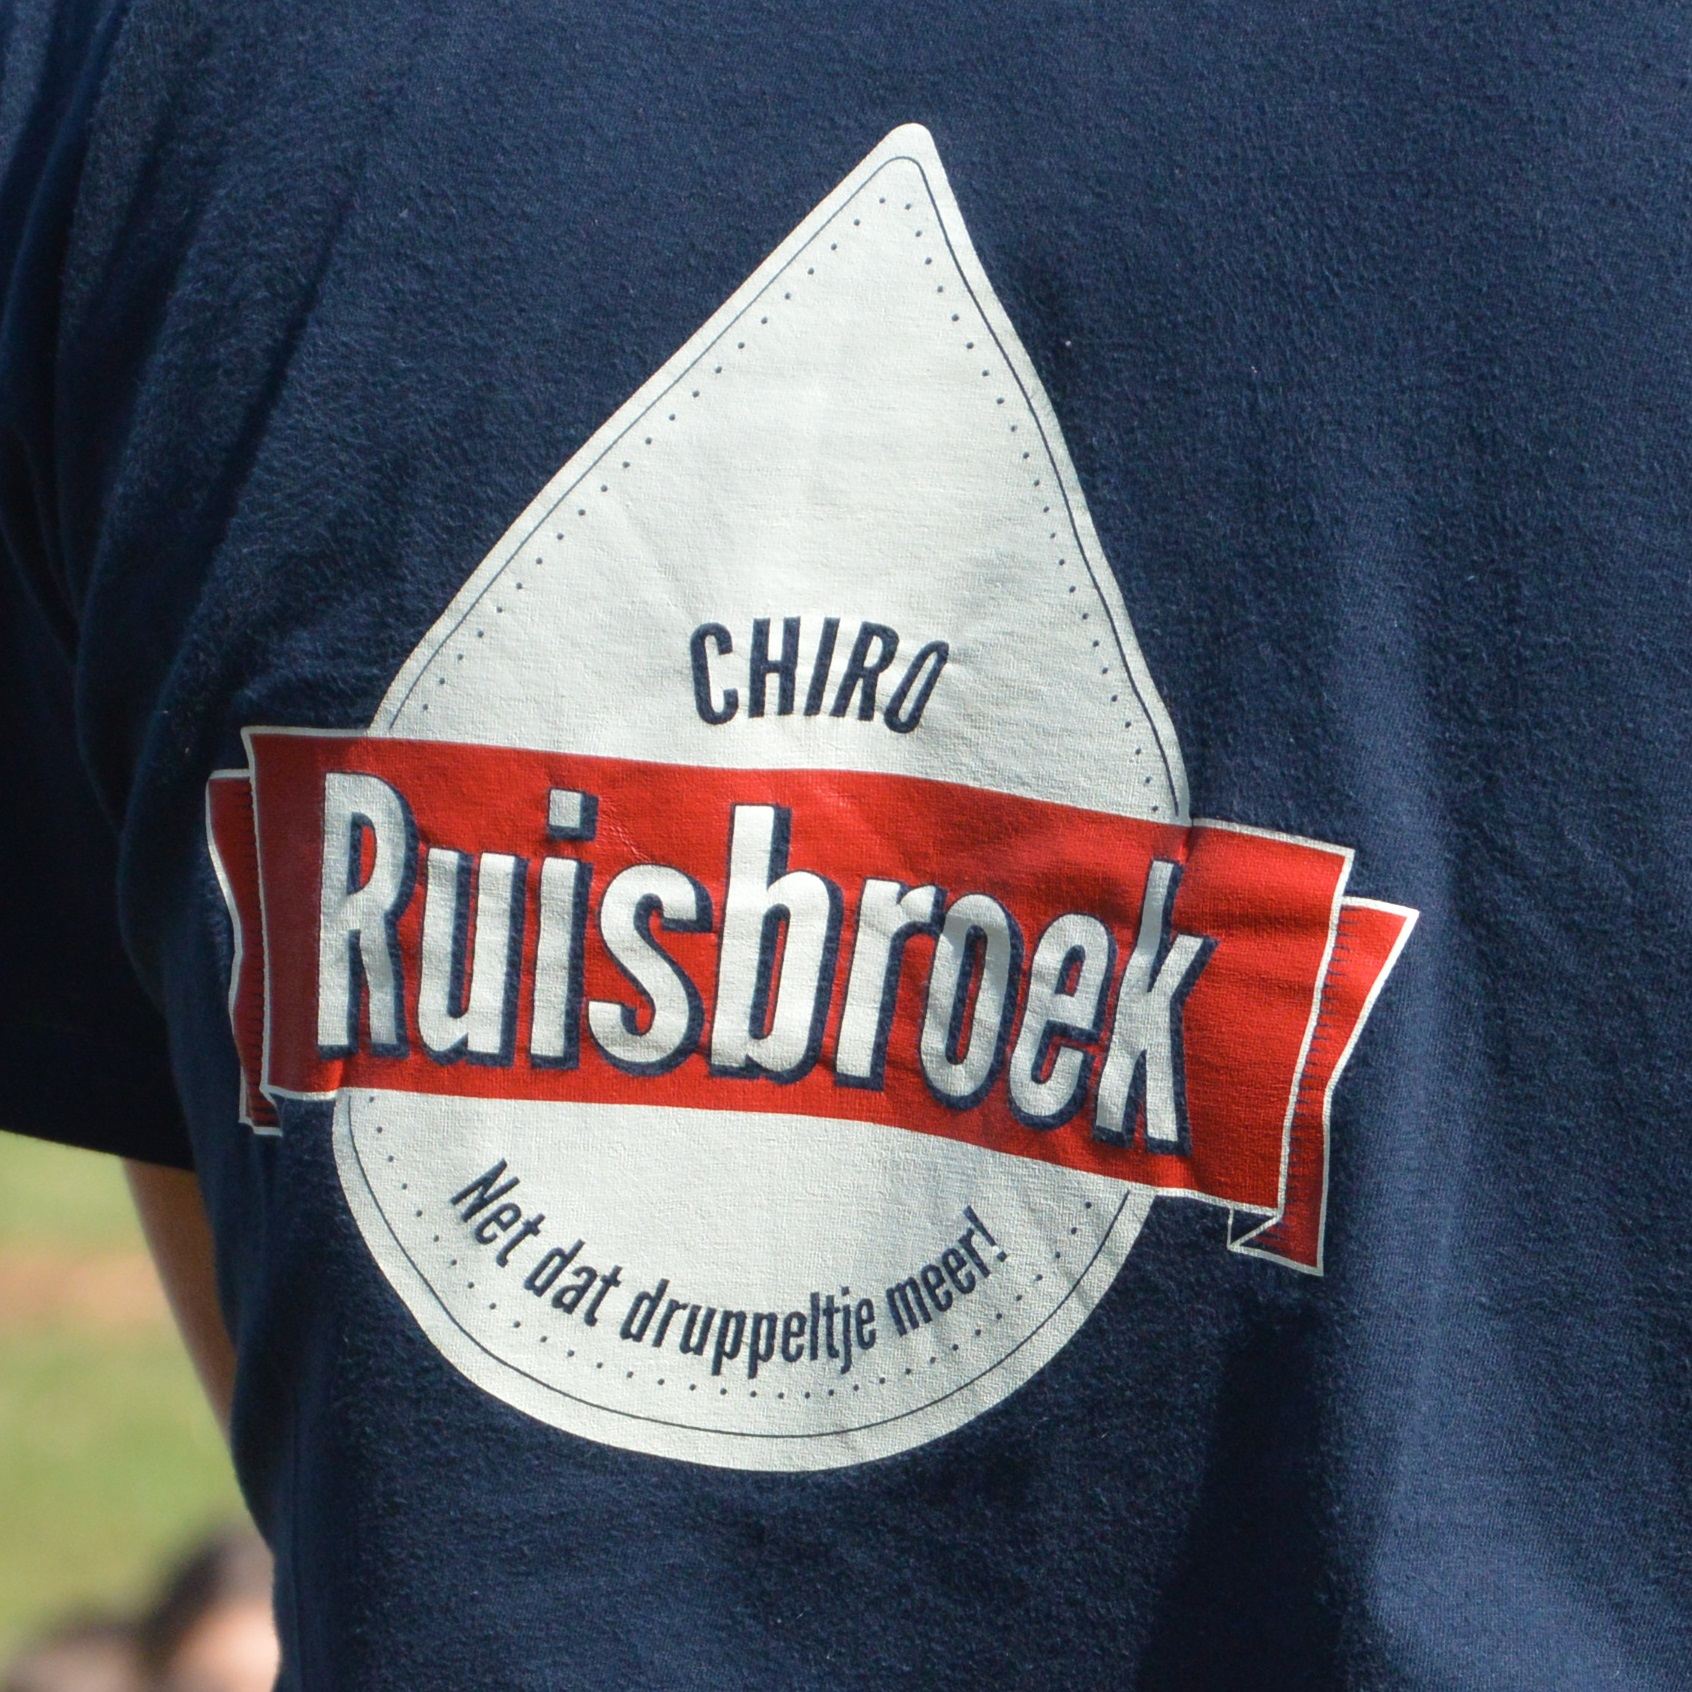 Chiro Ruisbroek